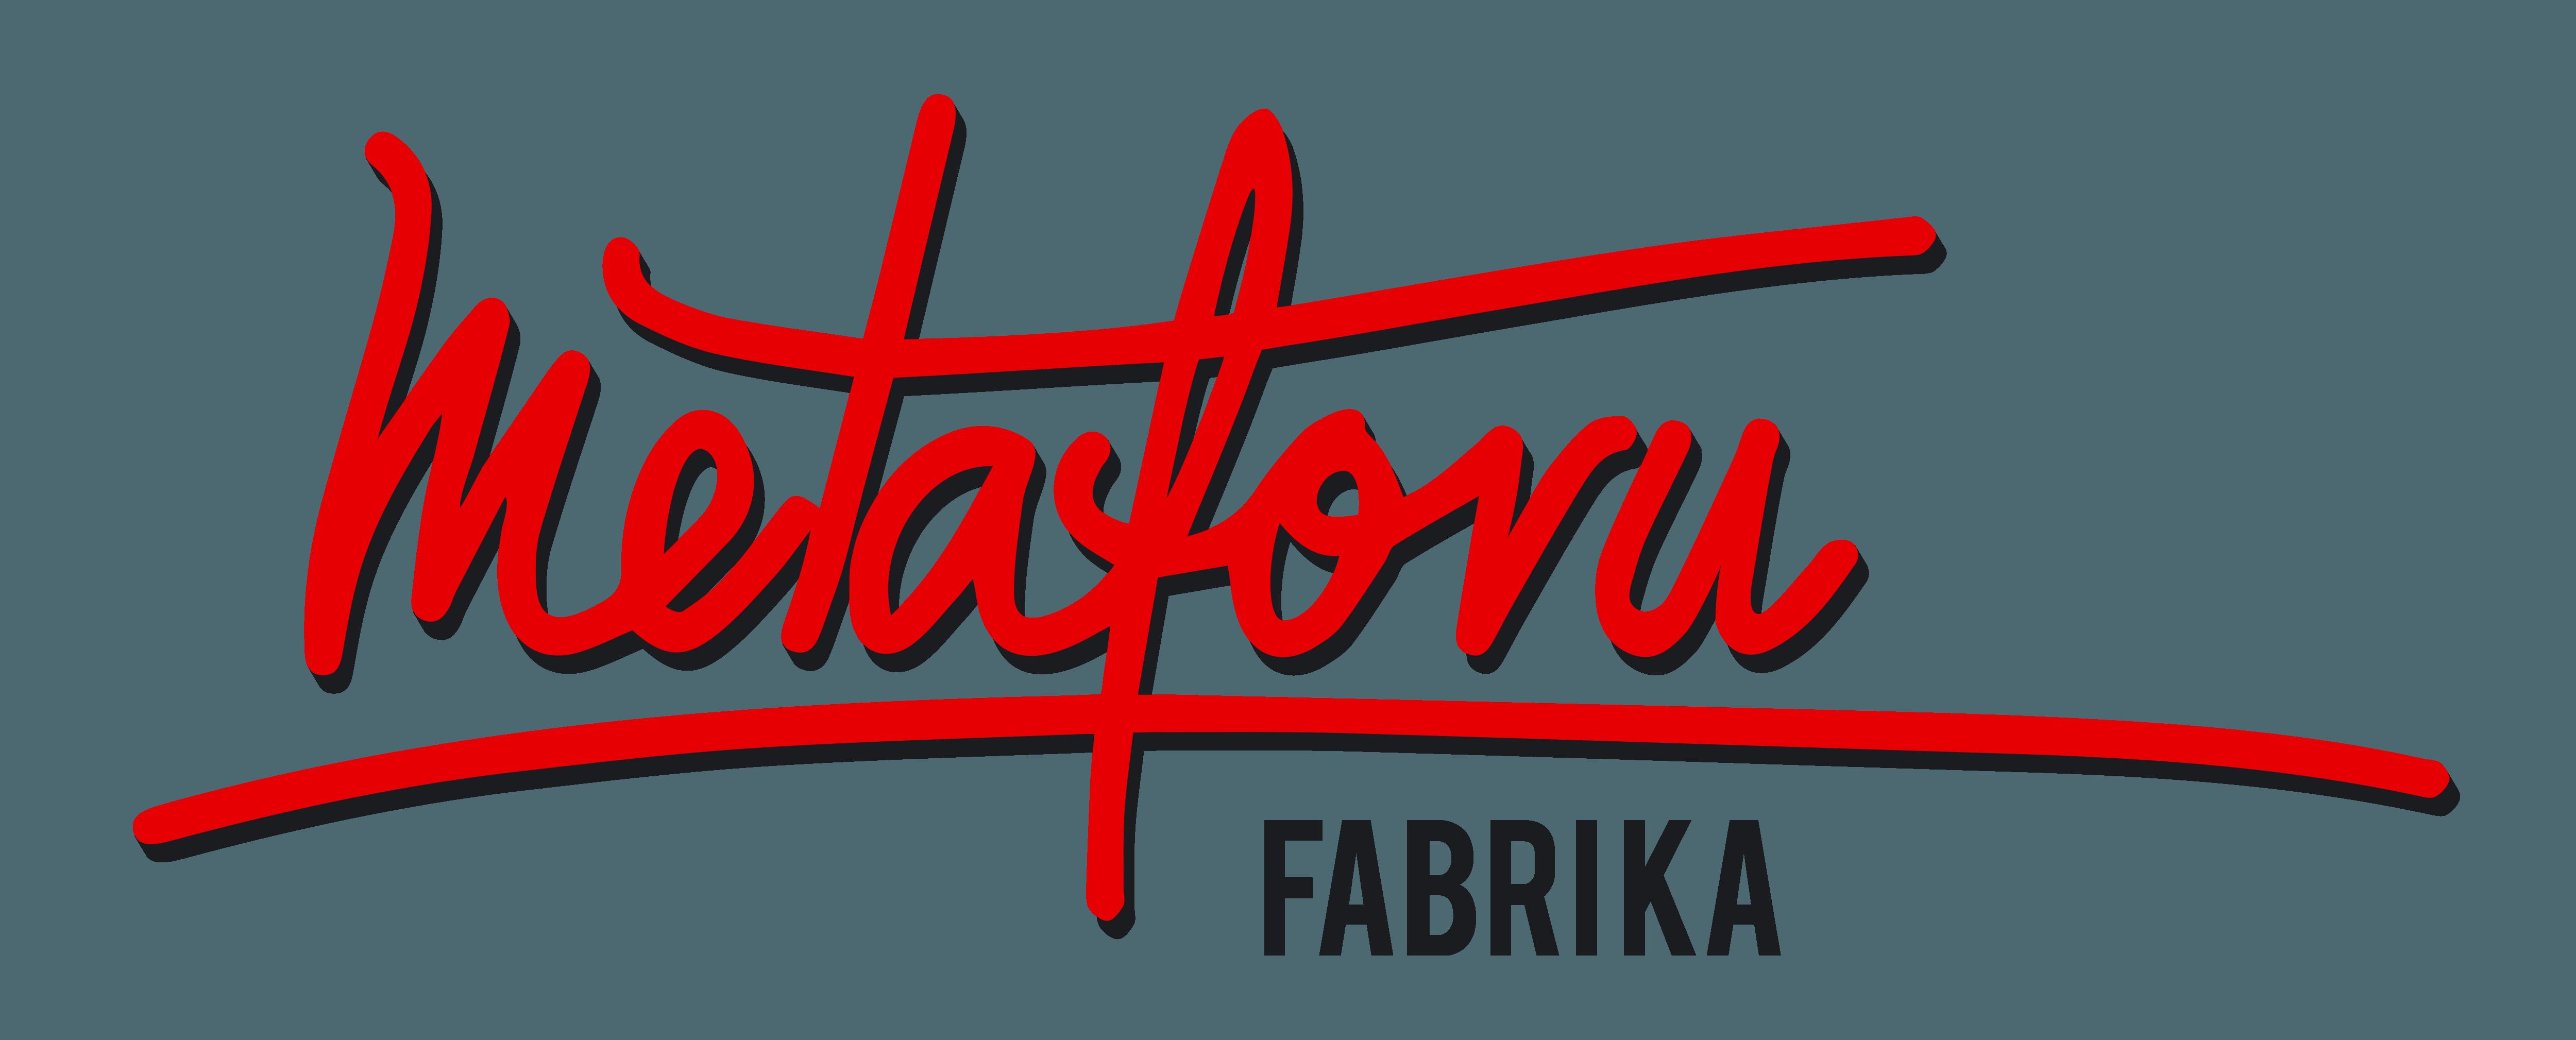 metaforu-fabrika-logo-standarta